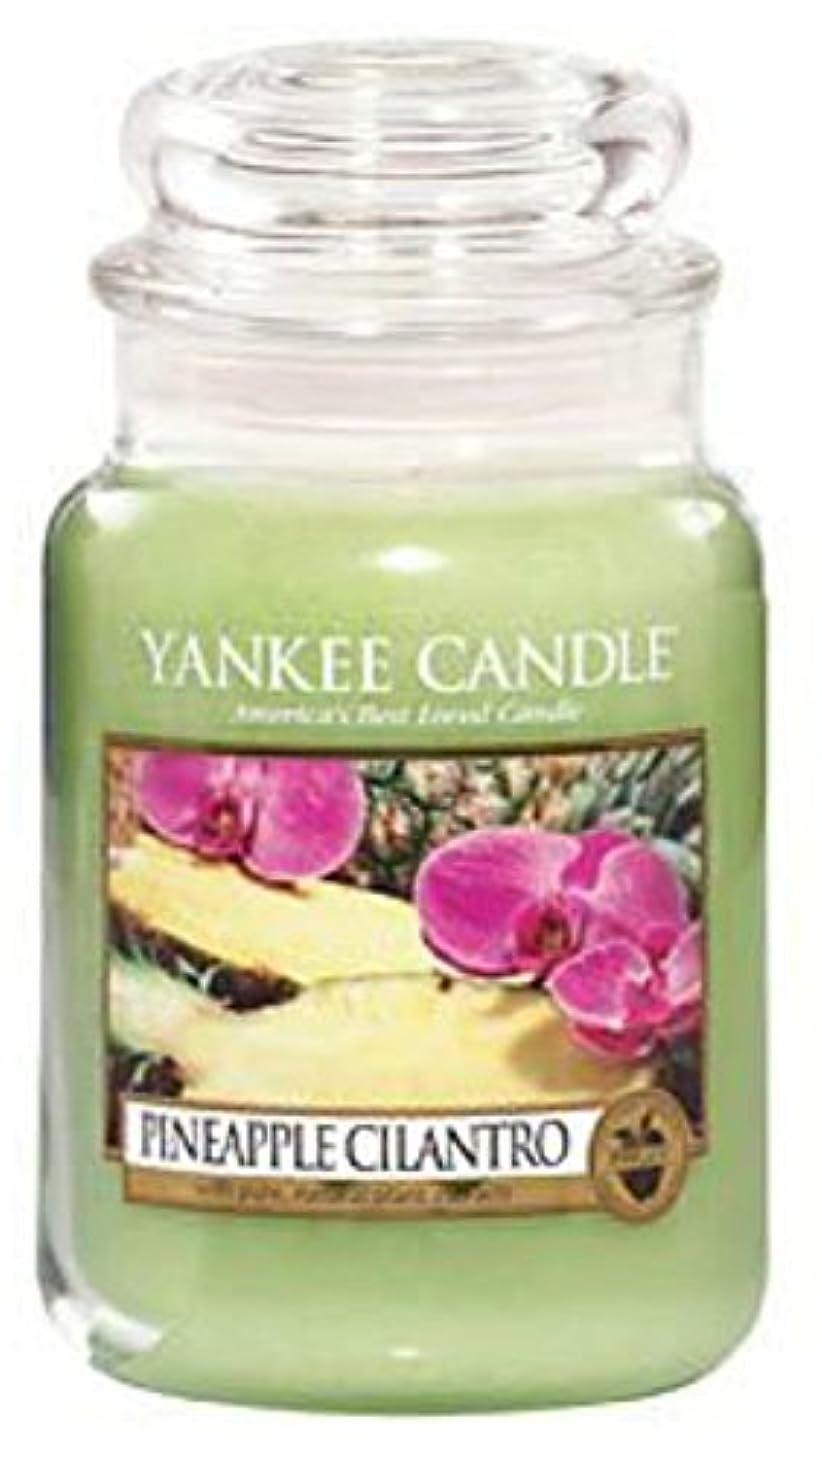 コンテンツペルソナ振り返るYankee Candle Pineapple Cilantro Large Jar 22oz Candle [並行輸入品]